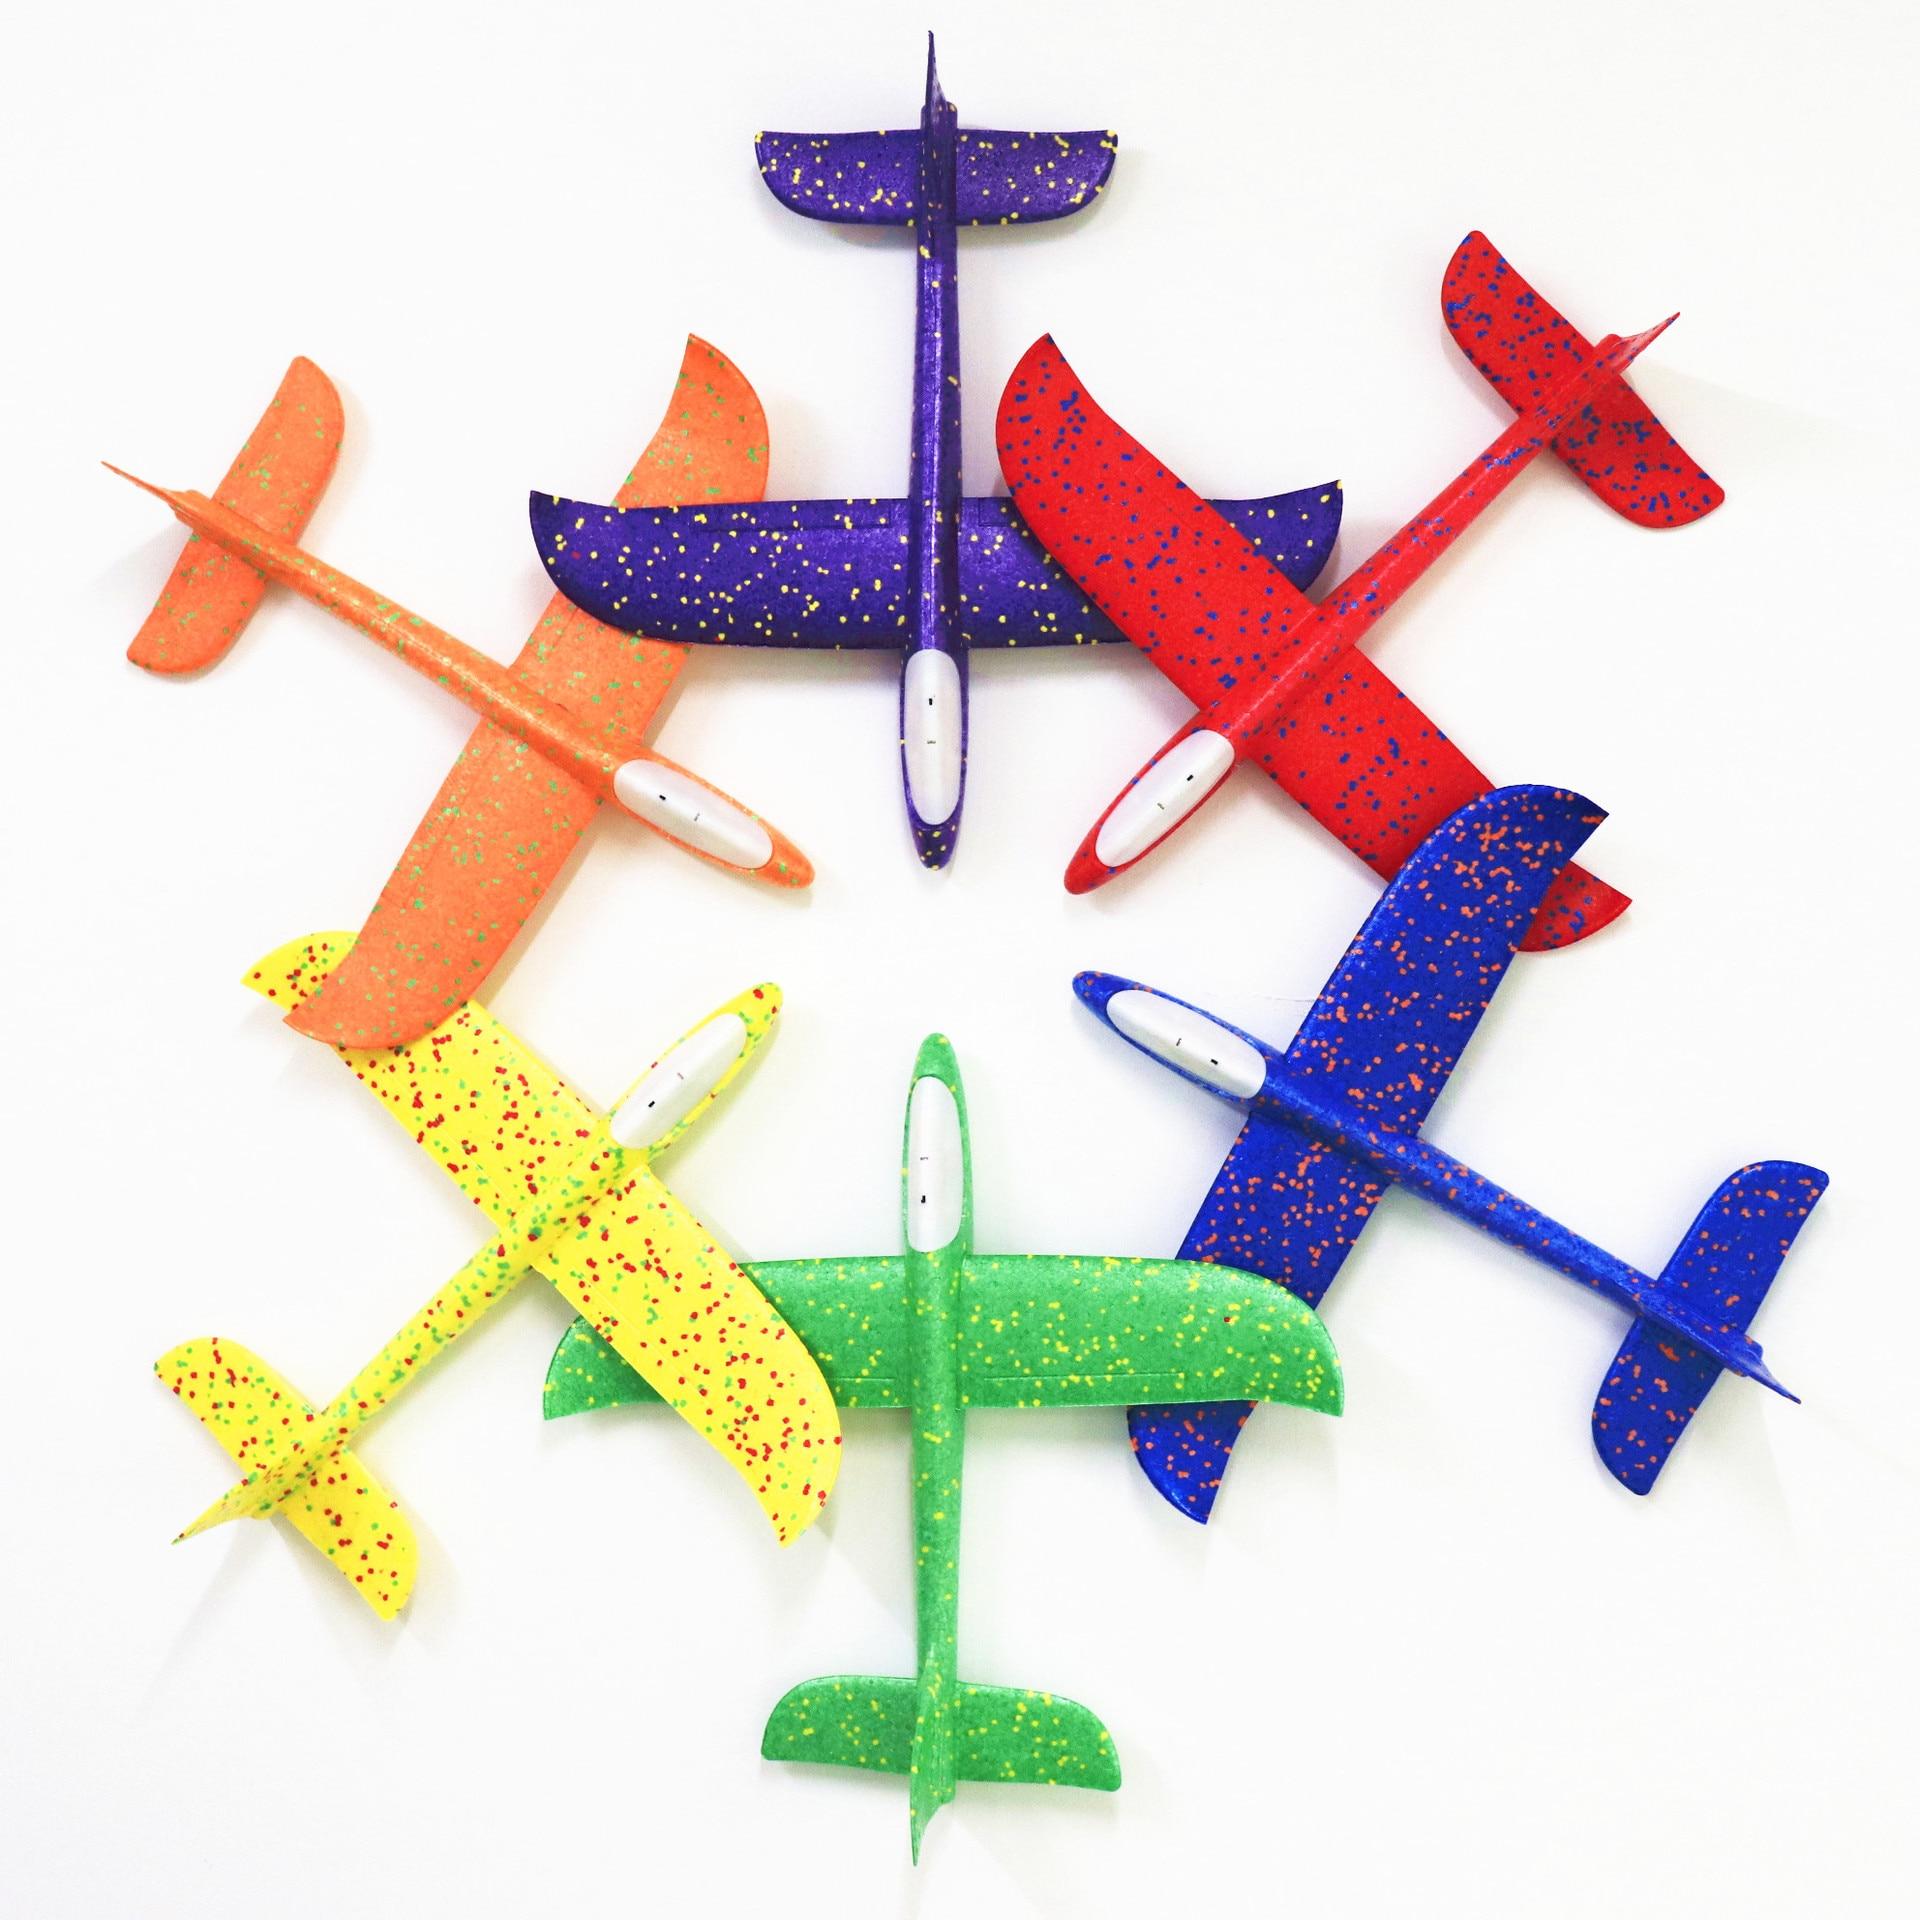 Самолет из пеноматериала, метательный игрушечный самолет, 48 см головной светильник F светильник, режим планера инерции модели самолетов, са...